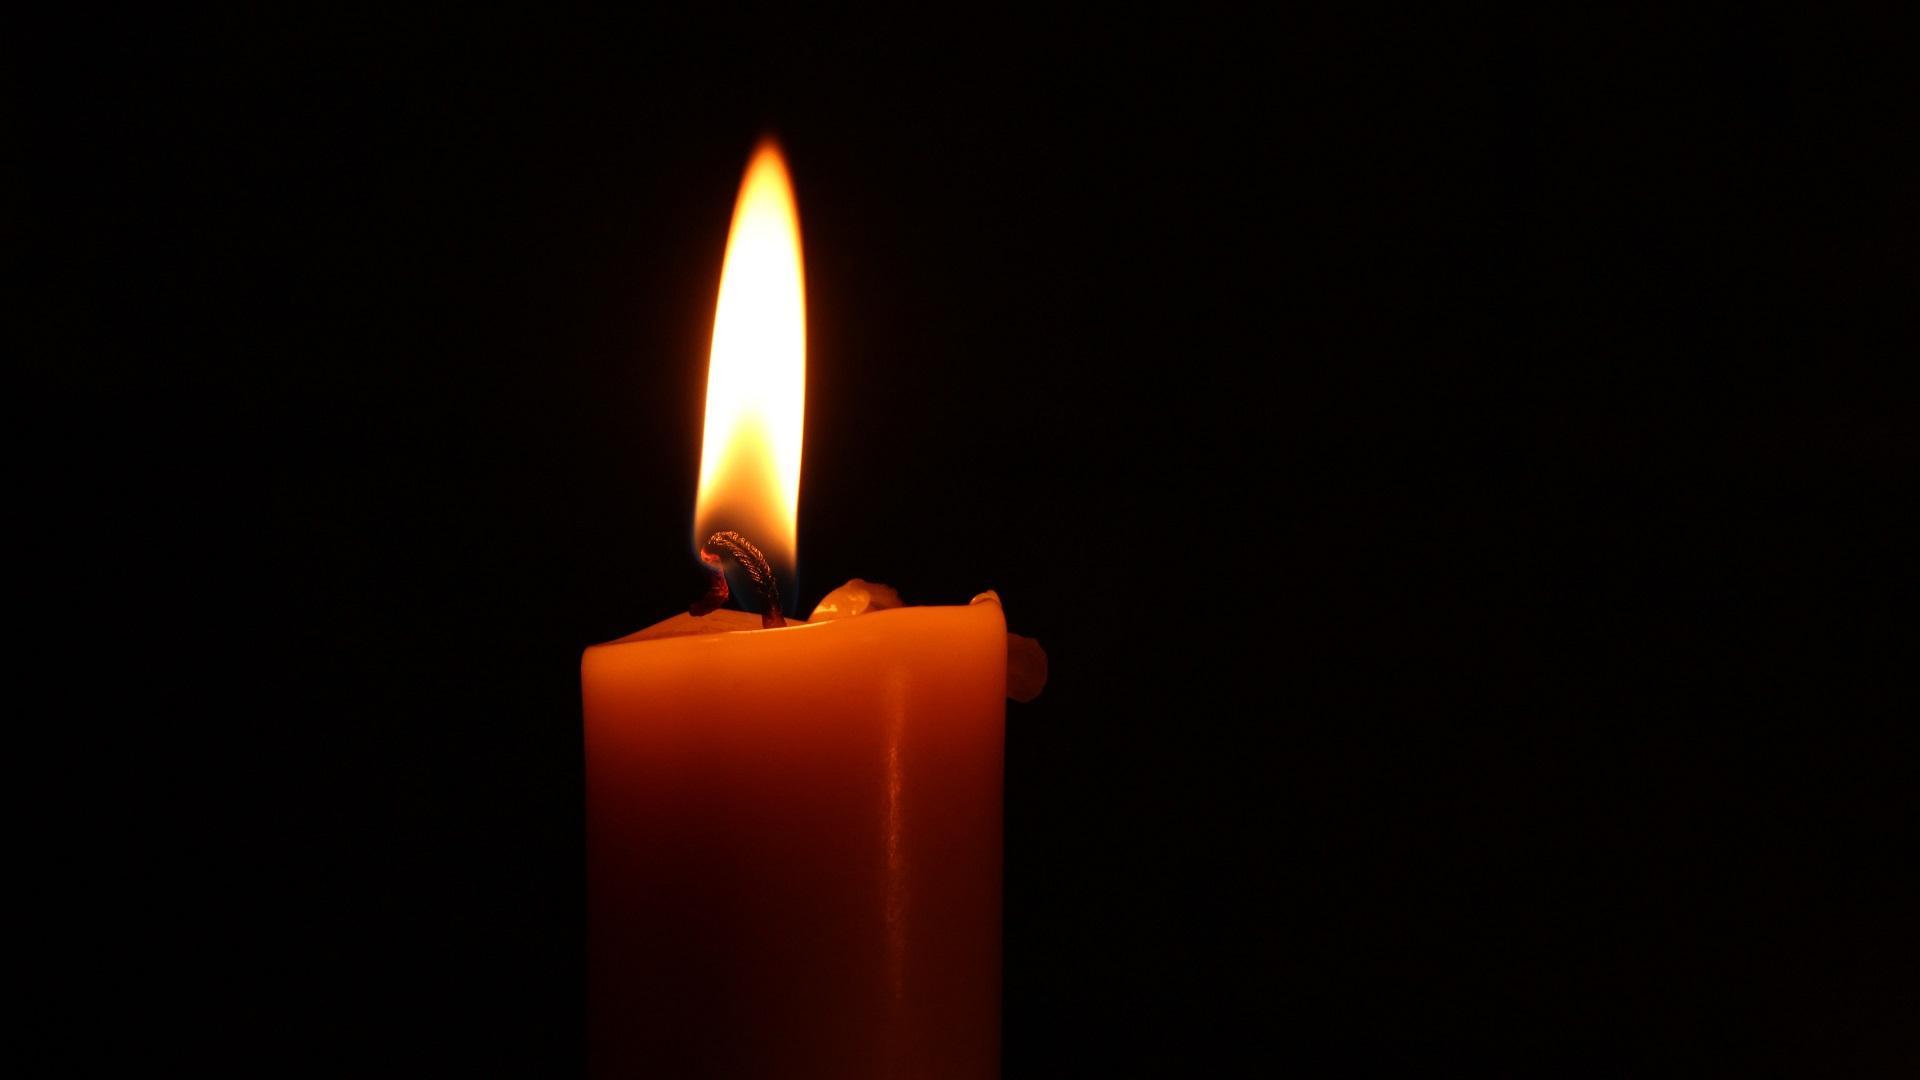 Die Flamme ist eines der wichtigsten Elemente beim Kerzen-Ritual und auf dieser liegt der Fokus während der Meditation.